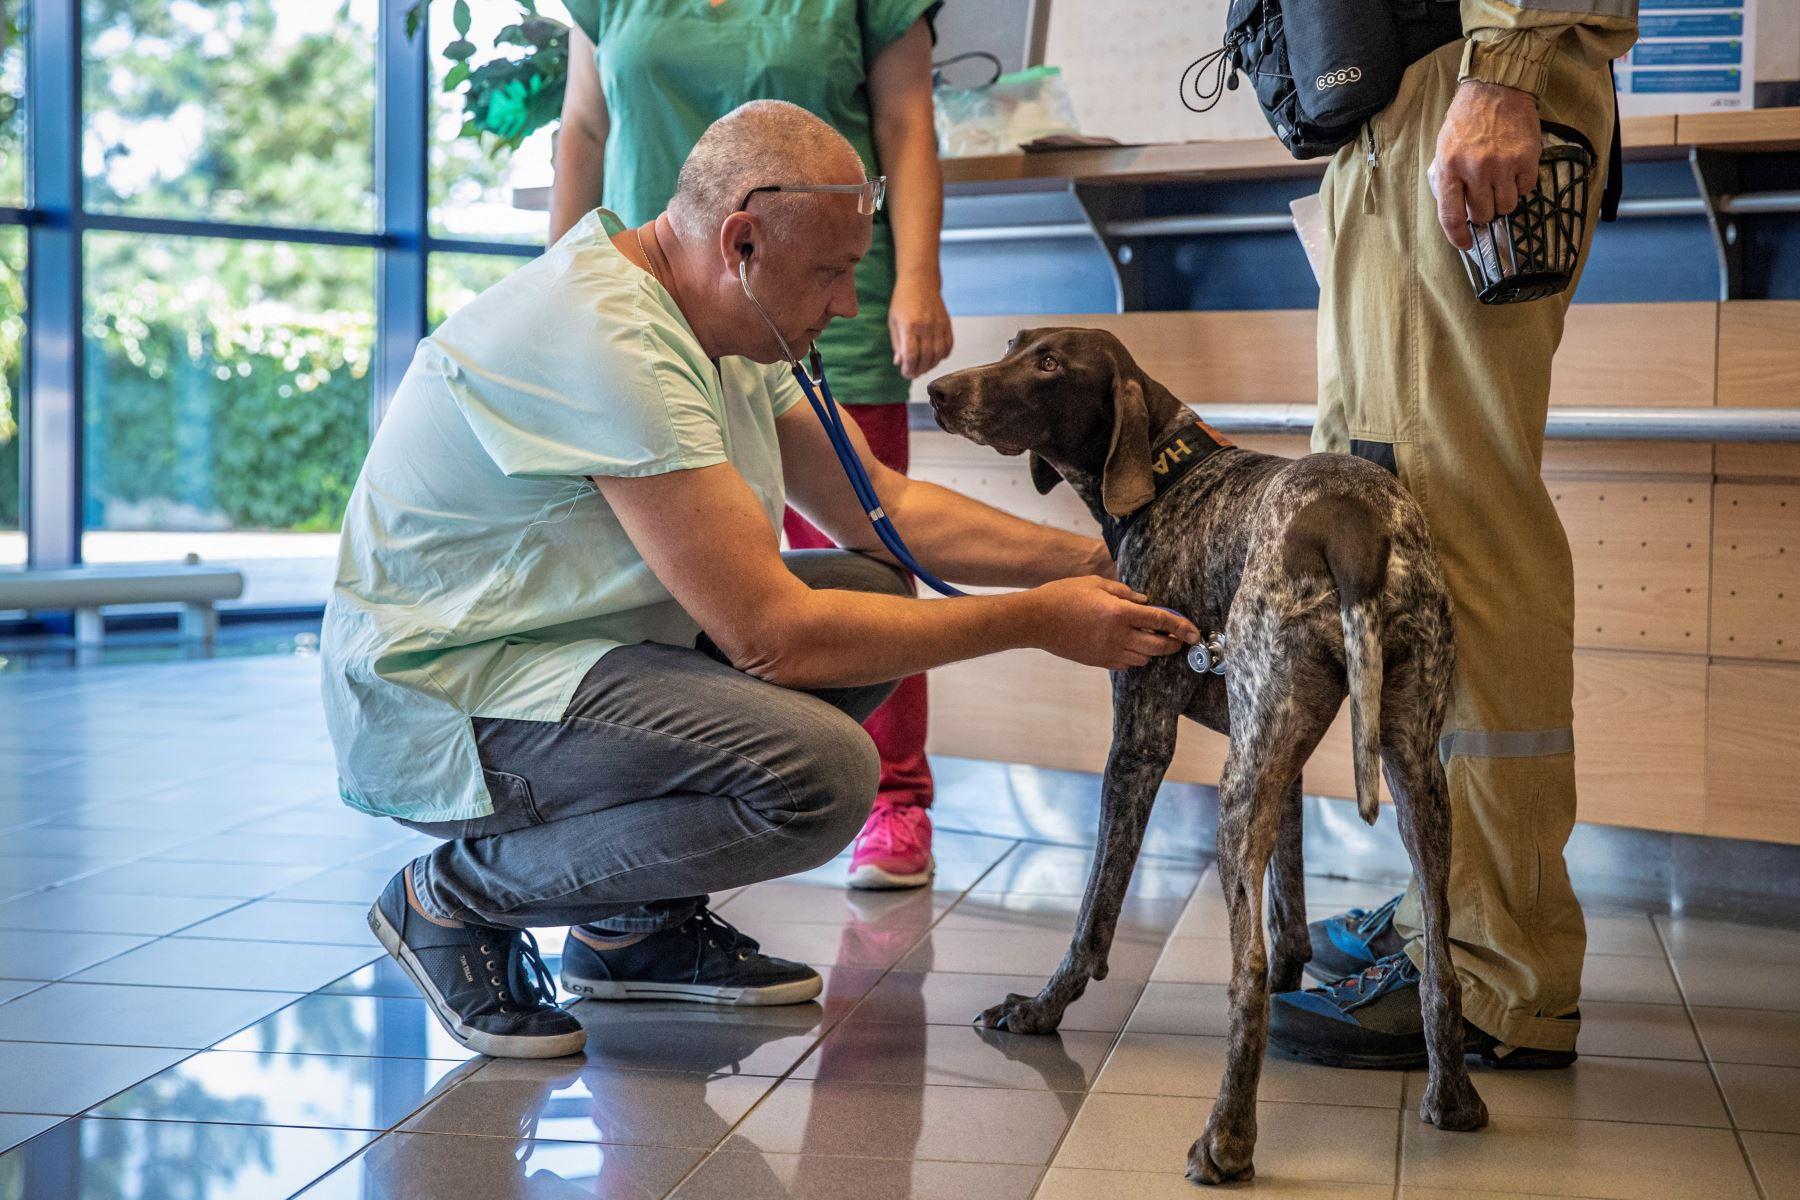 El personal checo de búsqueda y rescate urbano (USAR) con sus perros espera el control de salud del perro en el aeropuerto con rumbo a Beirut para apoyar en las operaciones de rescate. Foto: EFE